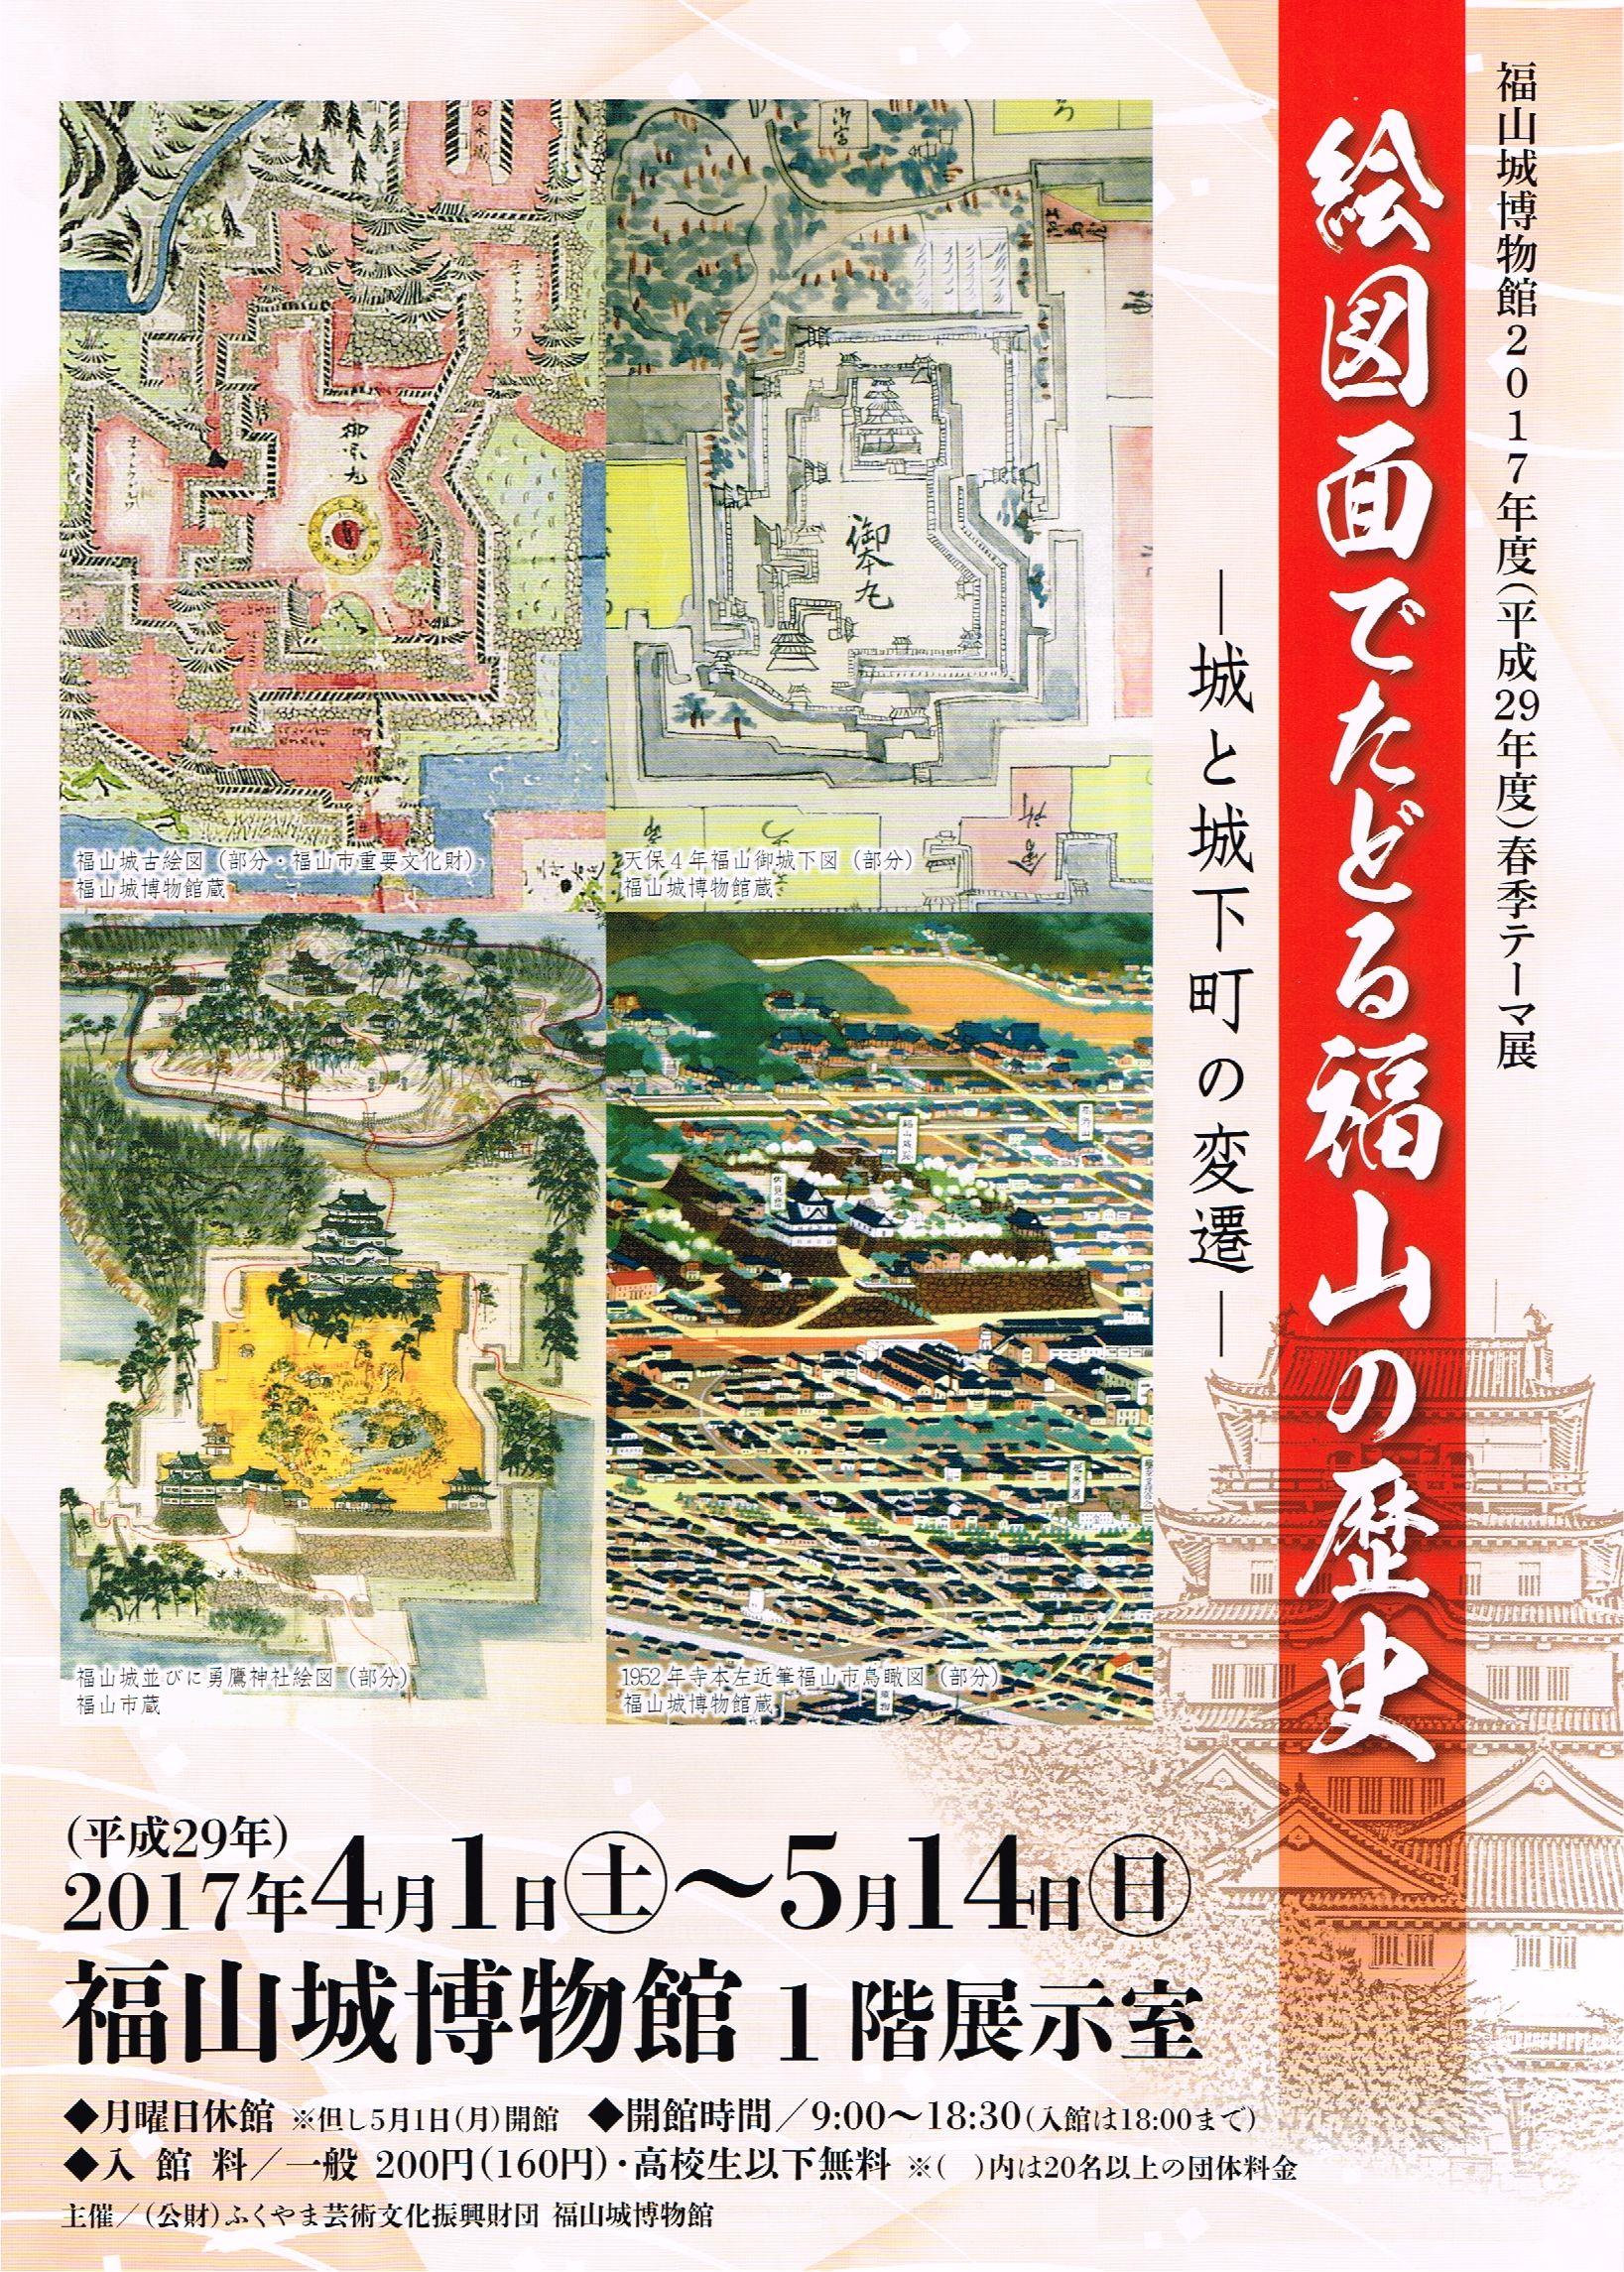 福山城博物館から 春季テーマ展 「絵図面でたどる福山の歴史-城と城下町の変遷-」開催のご案内